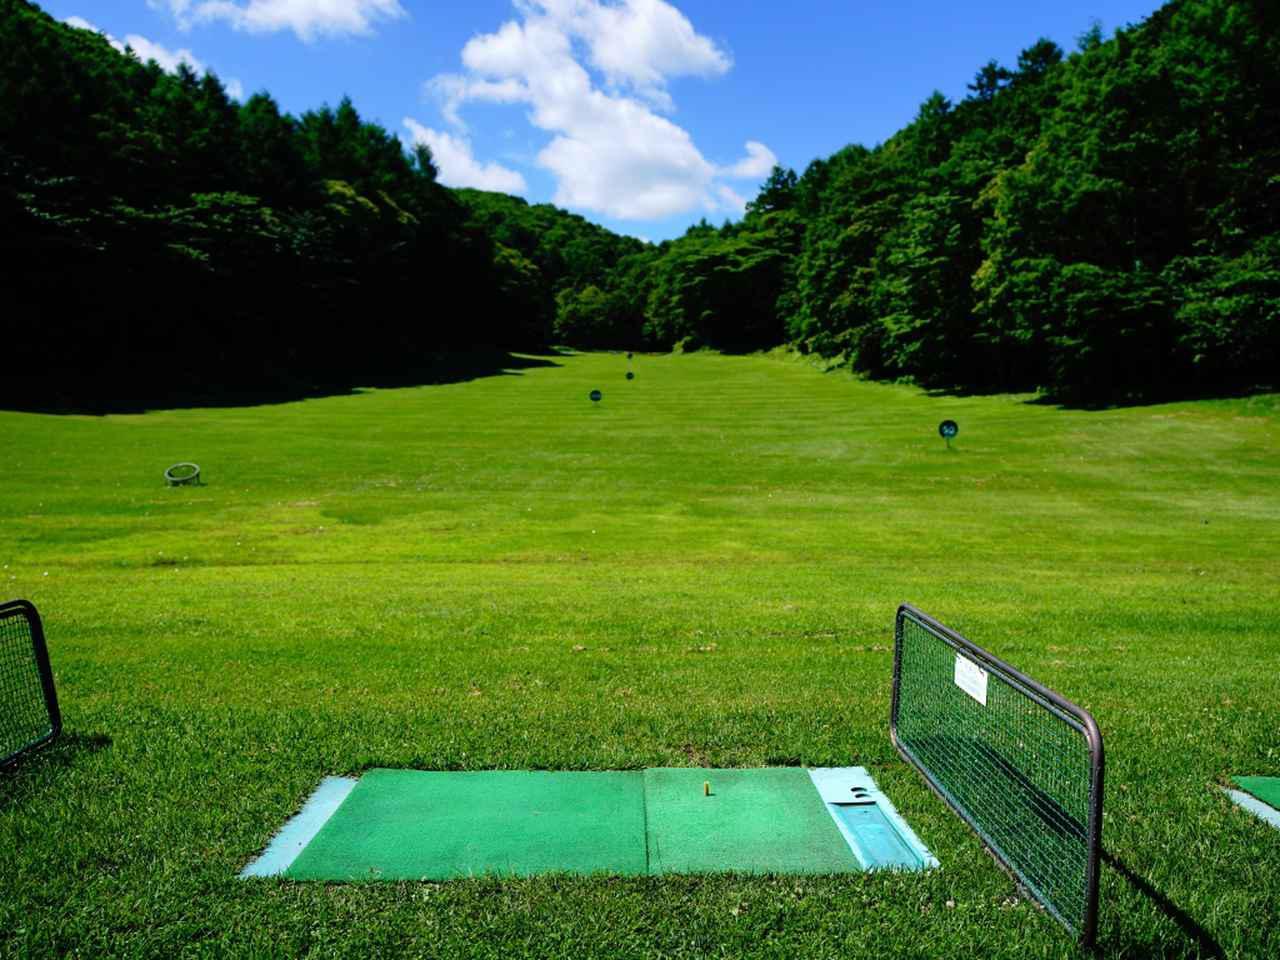 画像: 飛ばし屋も安心の300ヤード。本球なので距離感も身につく「和美ゴルフ練習場」